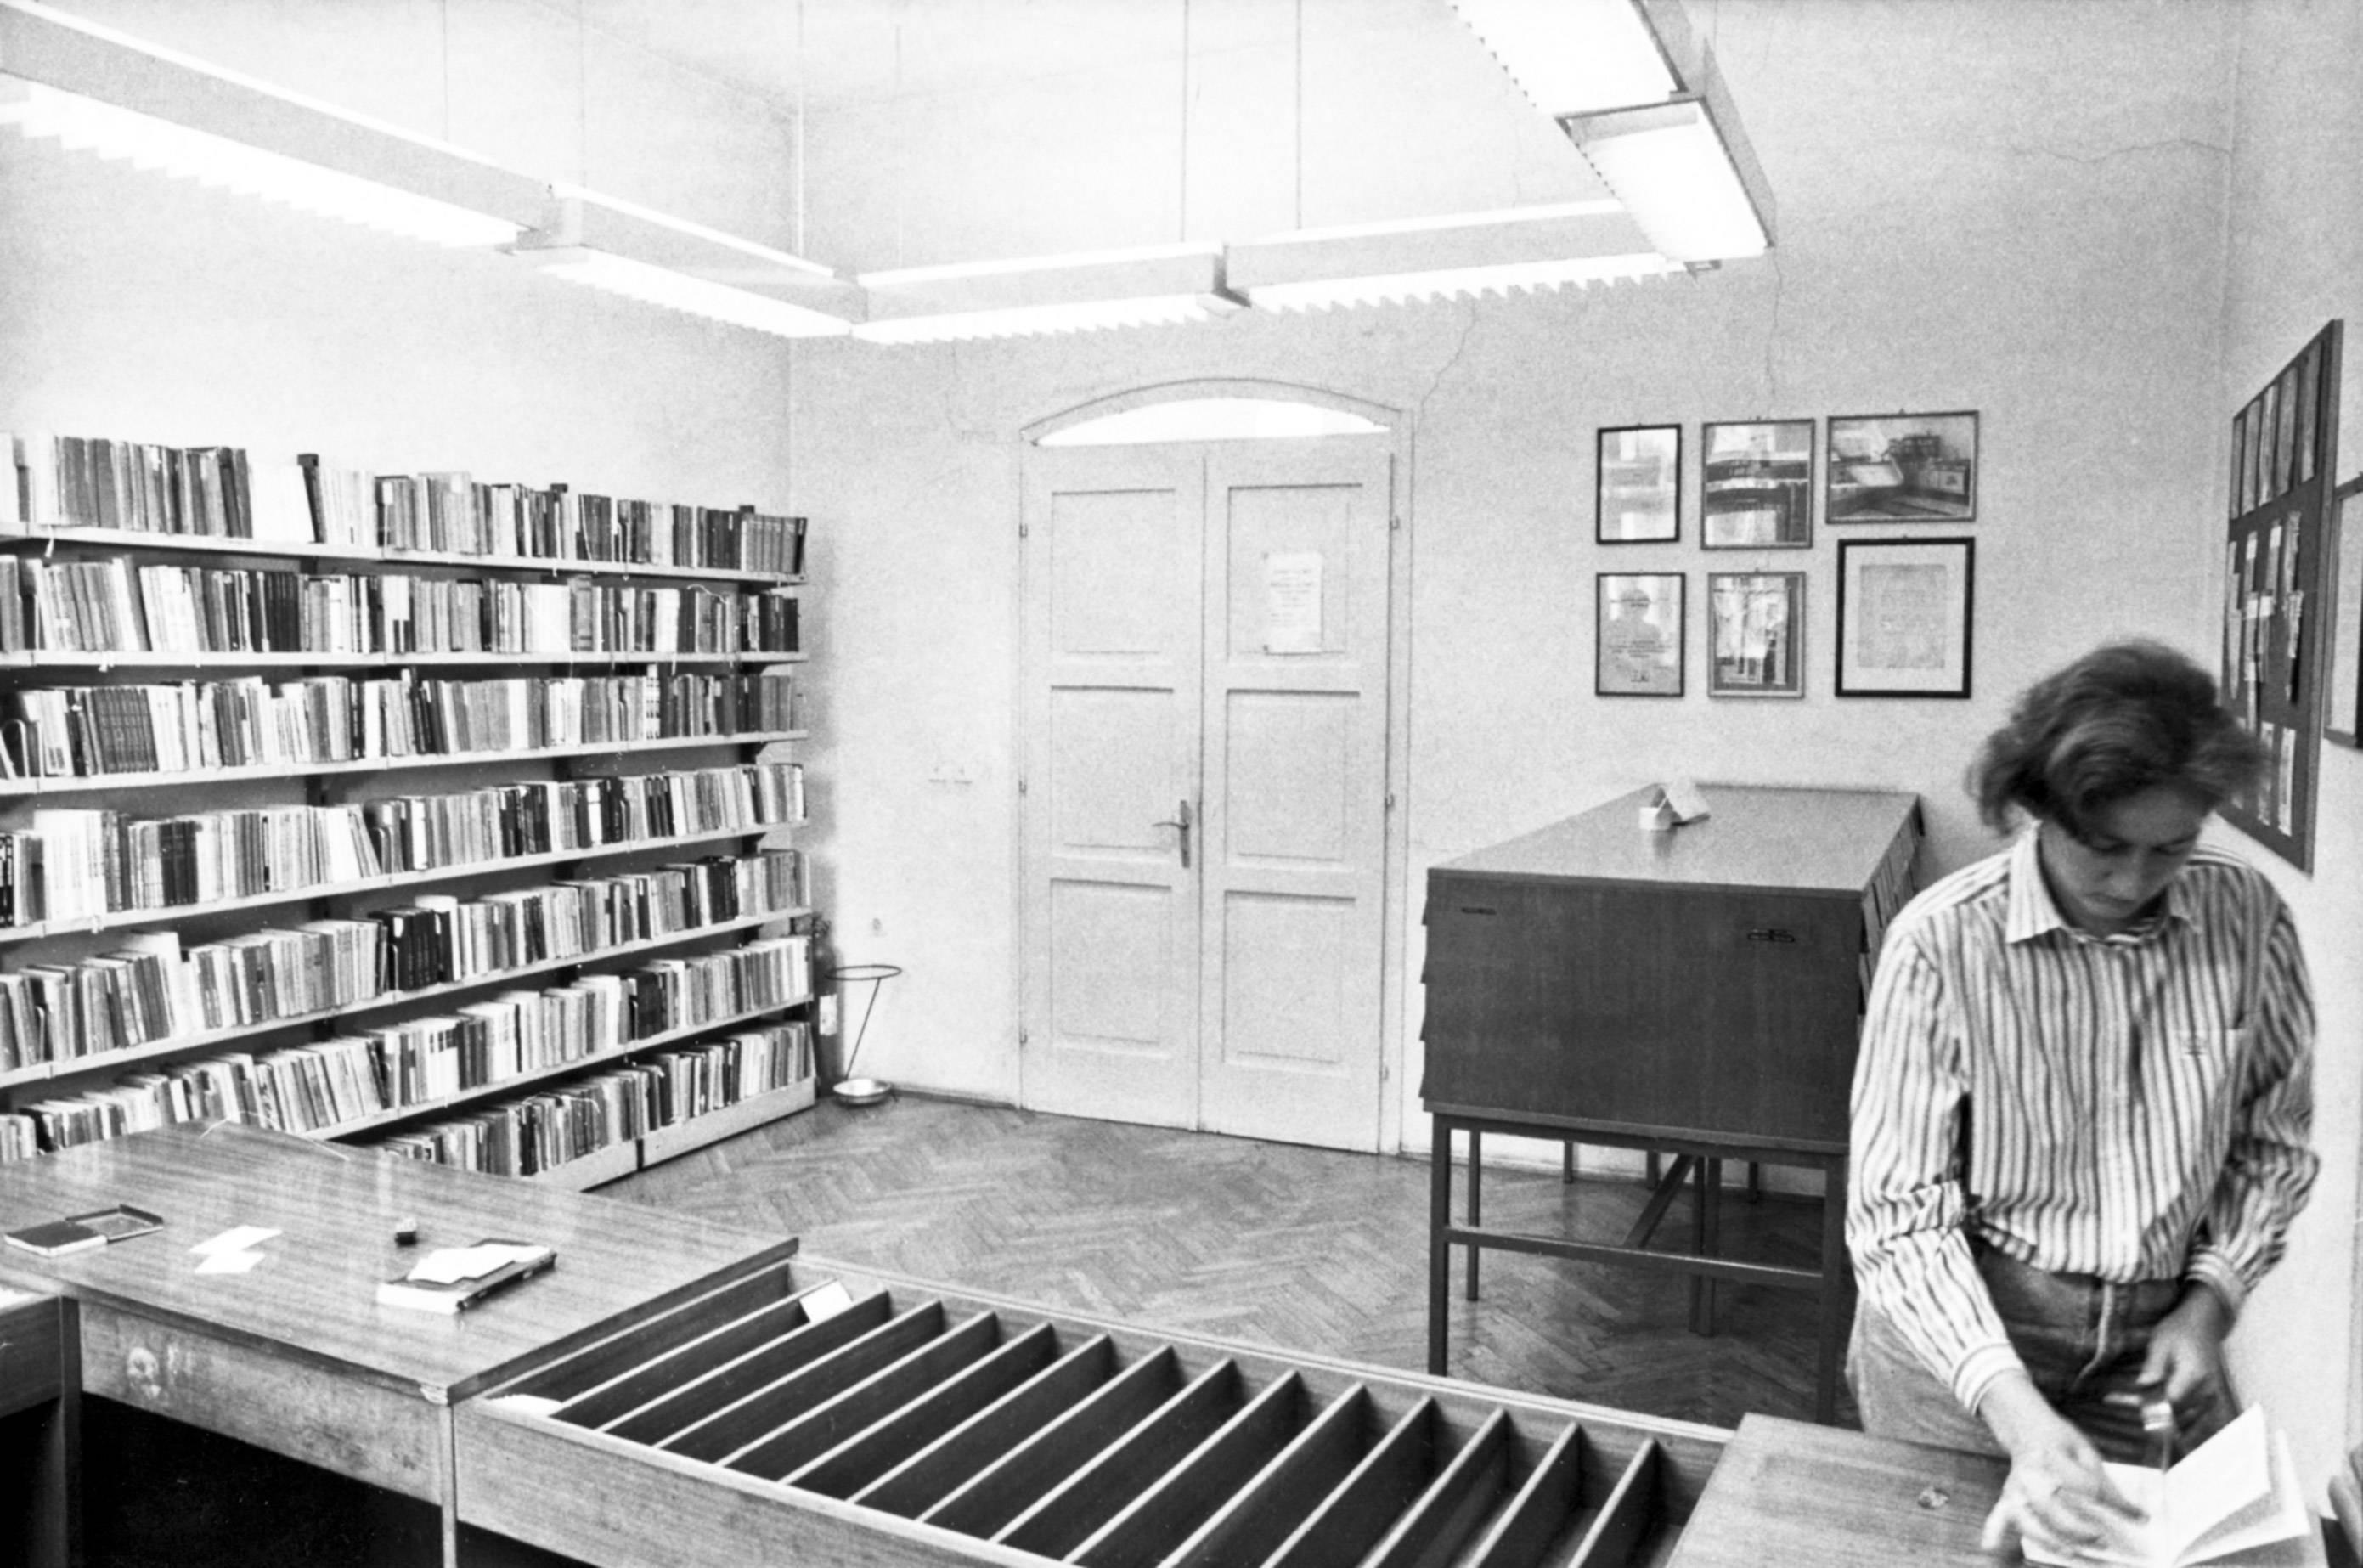 Ulaz u Odjel za odrasle Gradske knjižnice Zadar u Kneževoj palači (fotografija Zvonka Kucelina iz 1989.)